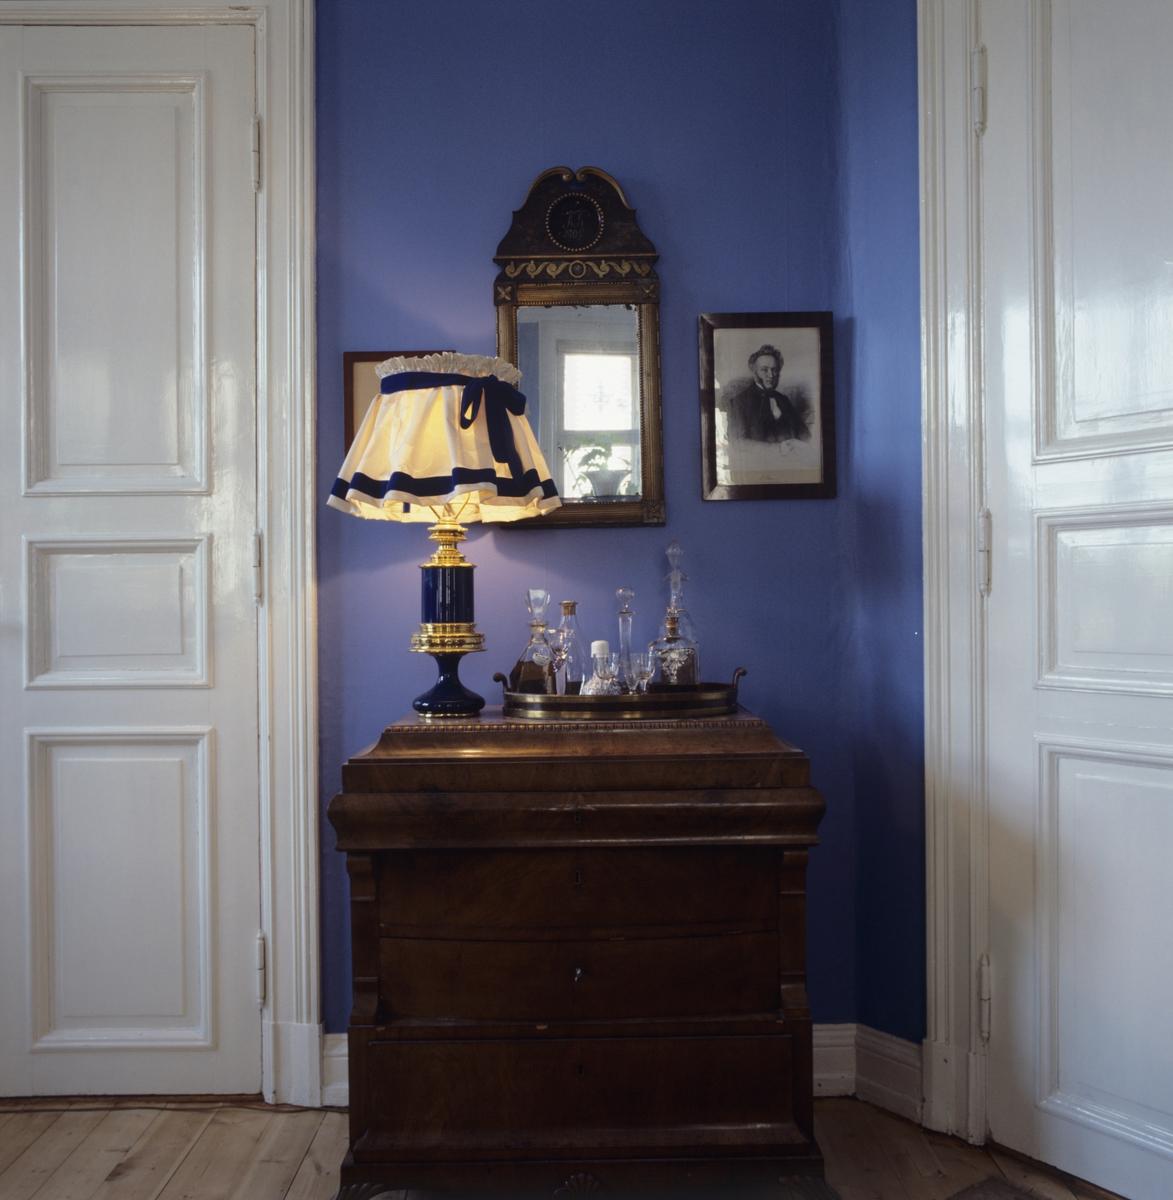 Kommode med  lampe og  brett med karafler . speil på veggen. llustrasjonsbilde fra Bonytt 1986.